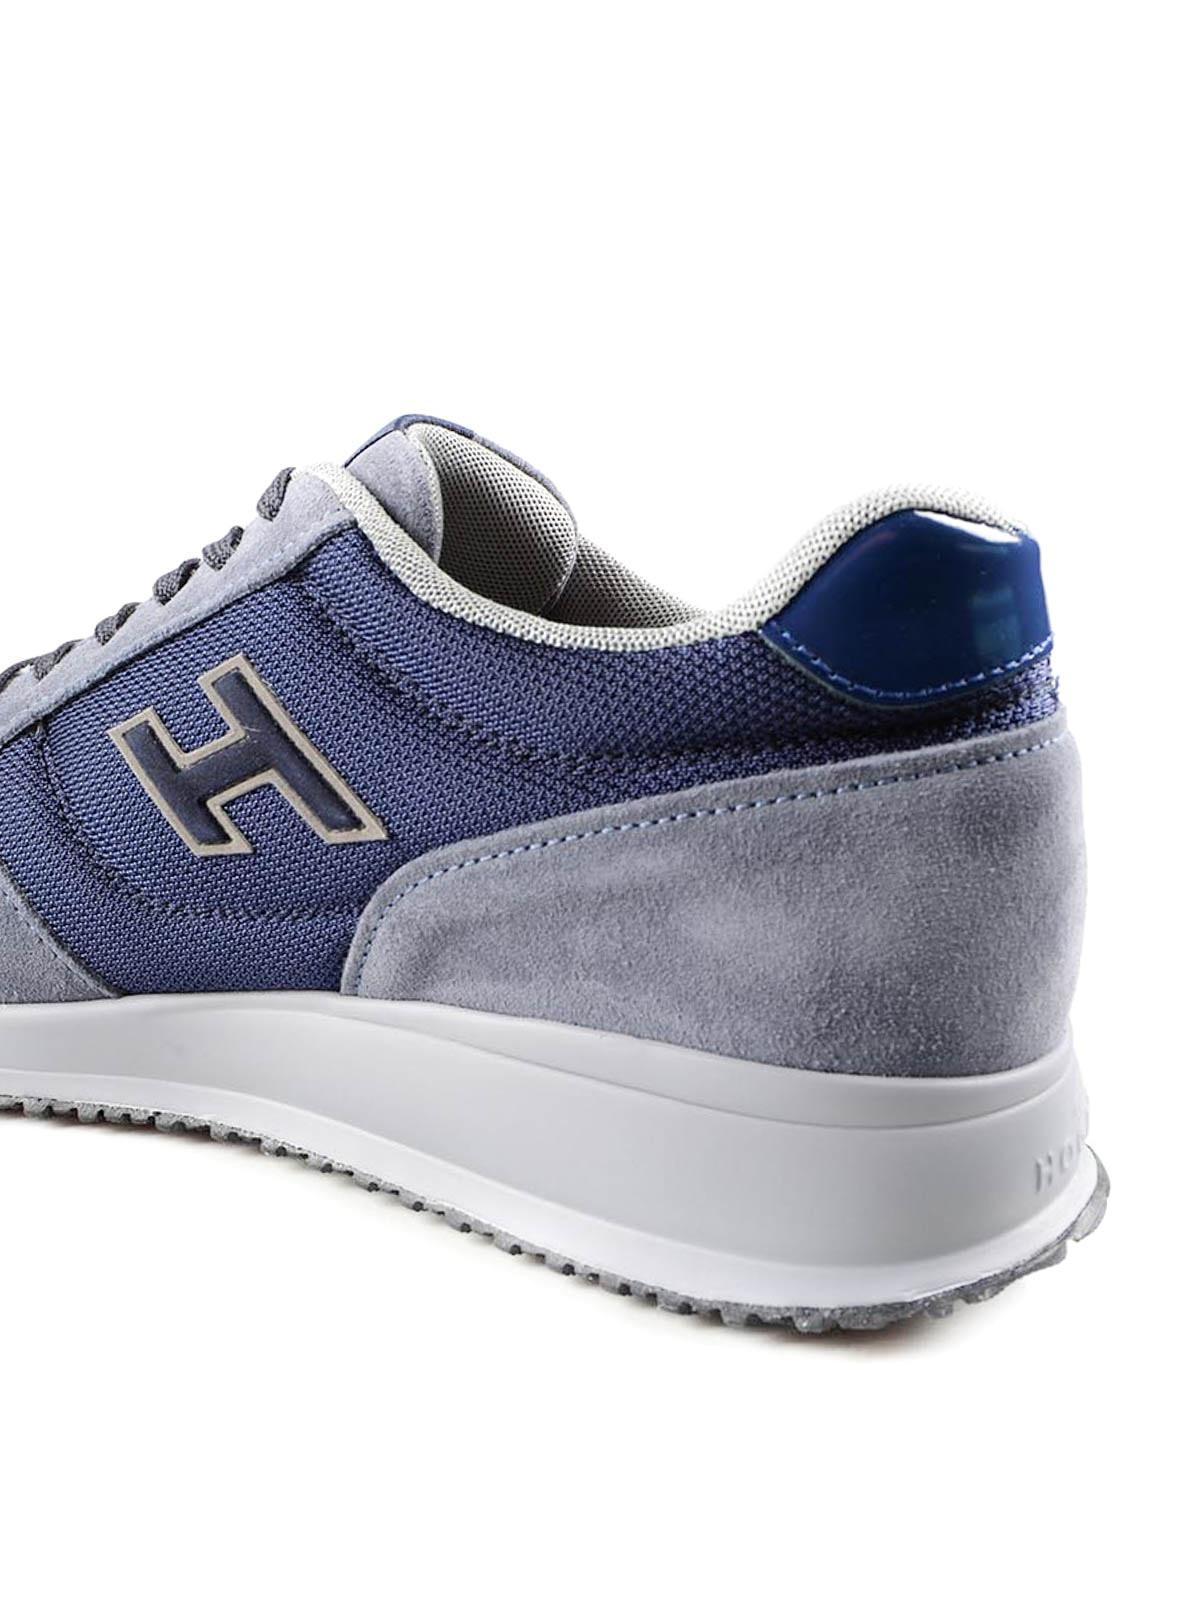 pas cher pour réduction d3e8b 8cdee Hogan - Baskets Interactive N20 Pour Homme - Chaussures de ...